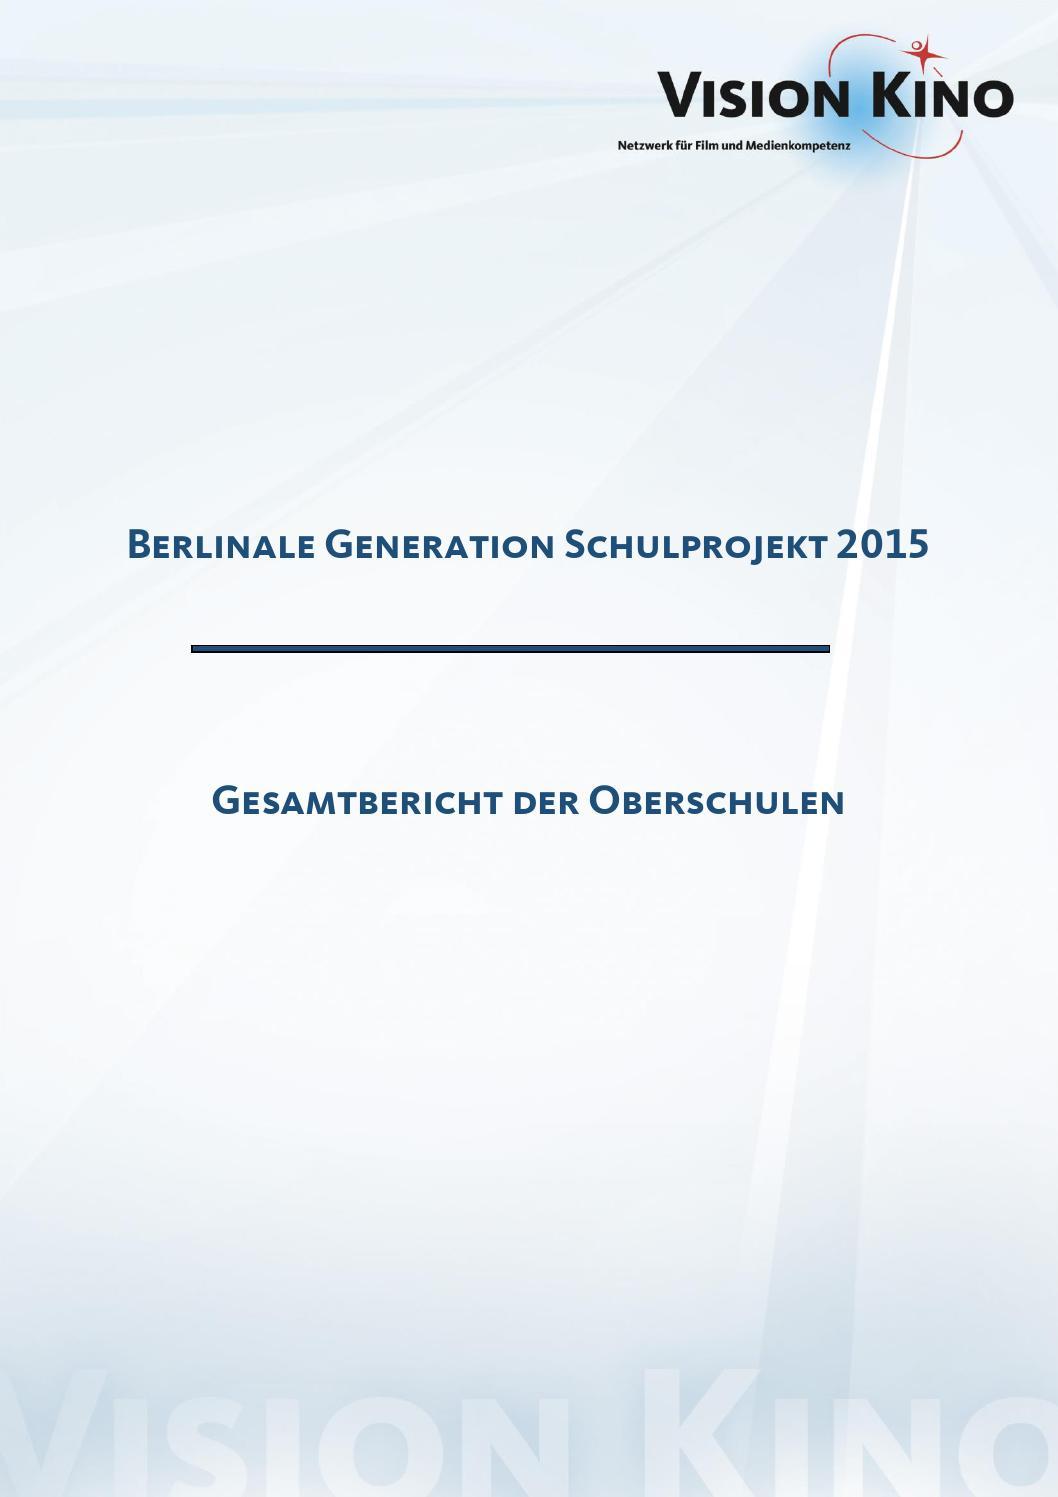 Gesamtbericht der Oberschulen 2015 by VISION KINO - issuu